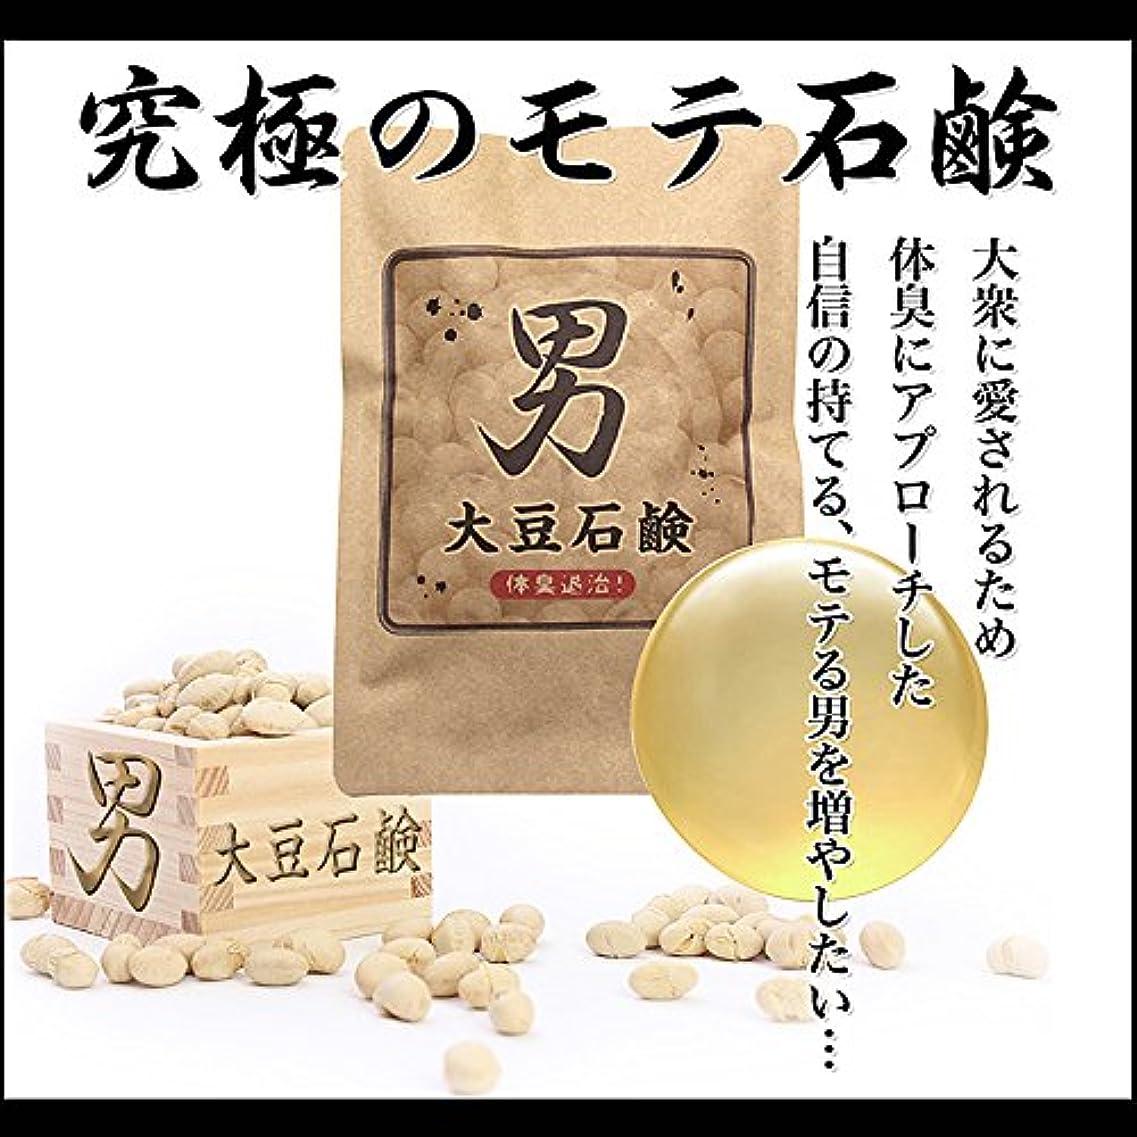 描くサミュエル甘くする男大豆石鹸(セリュードボーテ ピュアソープ)